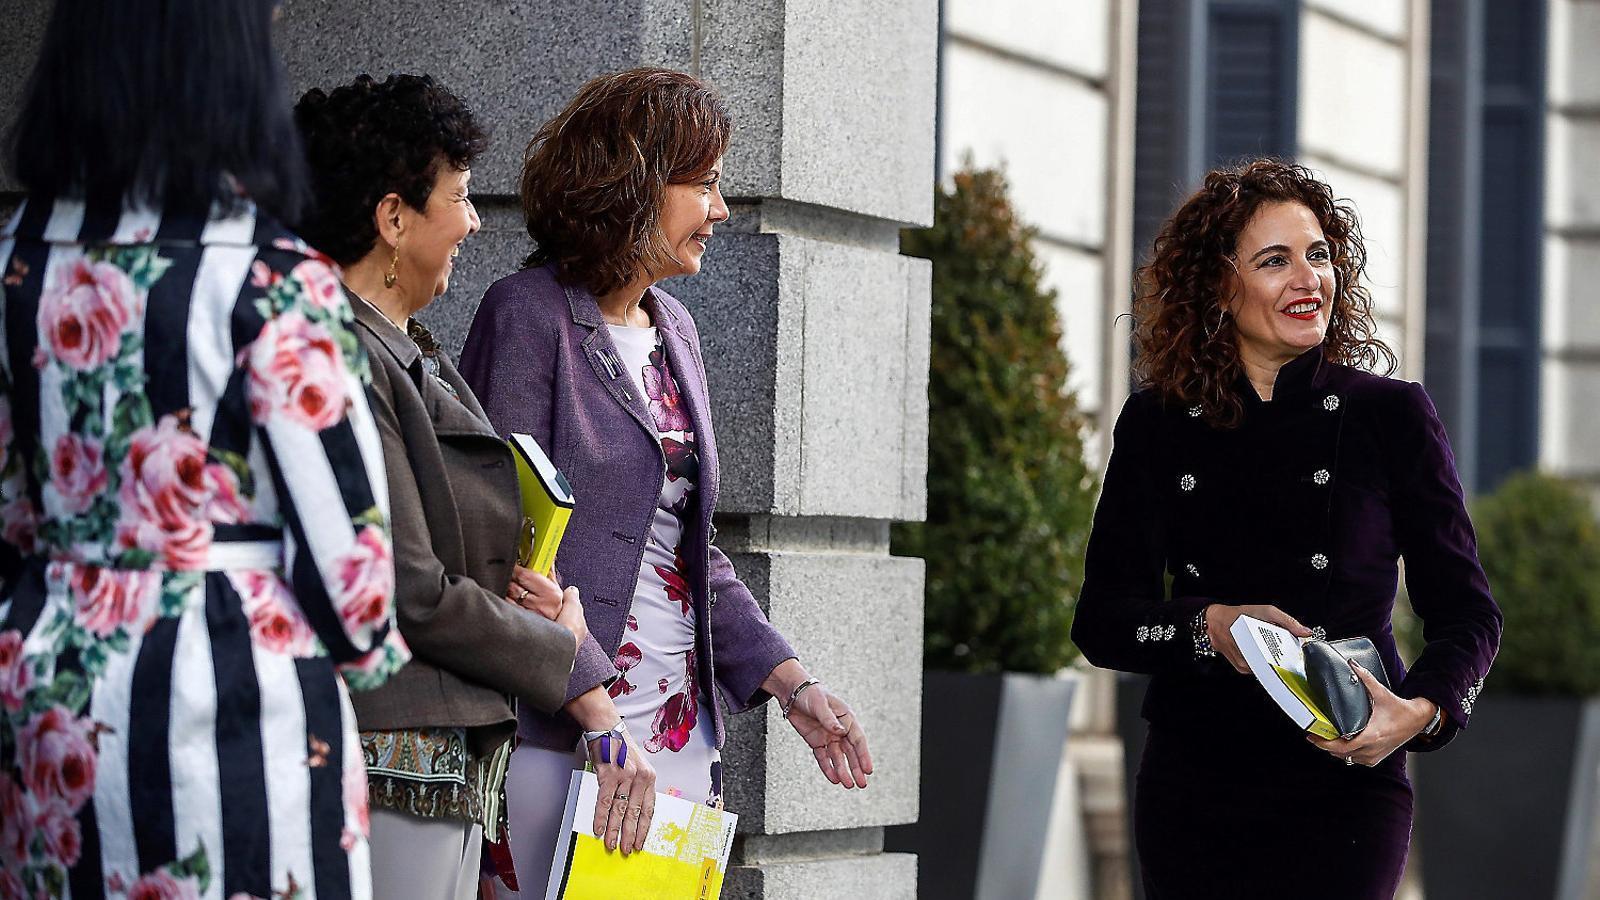 La ministra d'Hisenda, María Jesús Montero, arribant al Congrés de Diputats per entregar a la presidenta de la cambra, Ana Pastor, el projecte de pressupostos de l'Estat.